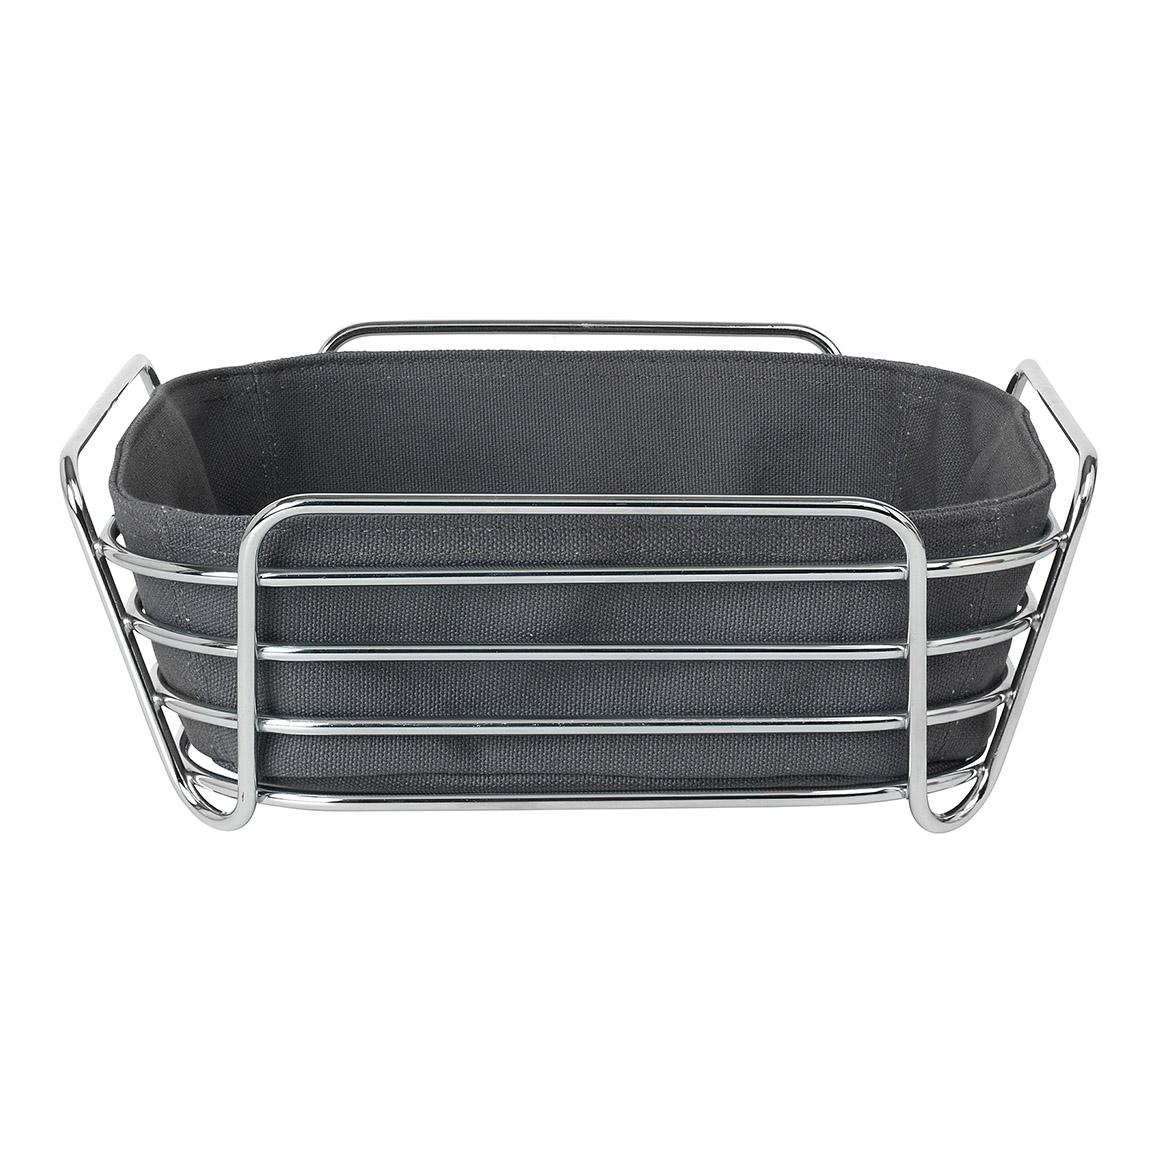 Košík na pečivo DELRA sivočierny veľký Blomus - Blomus Ošatka na pečivo Delara černá 25 cm